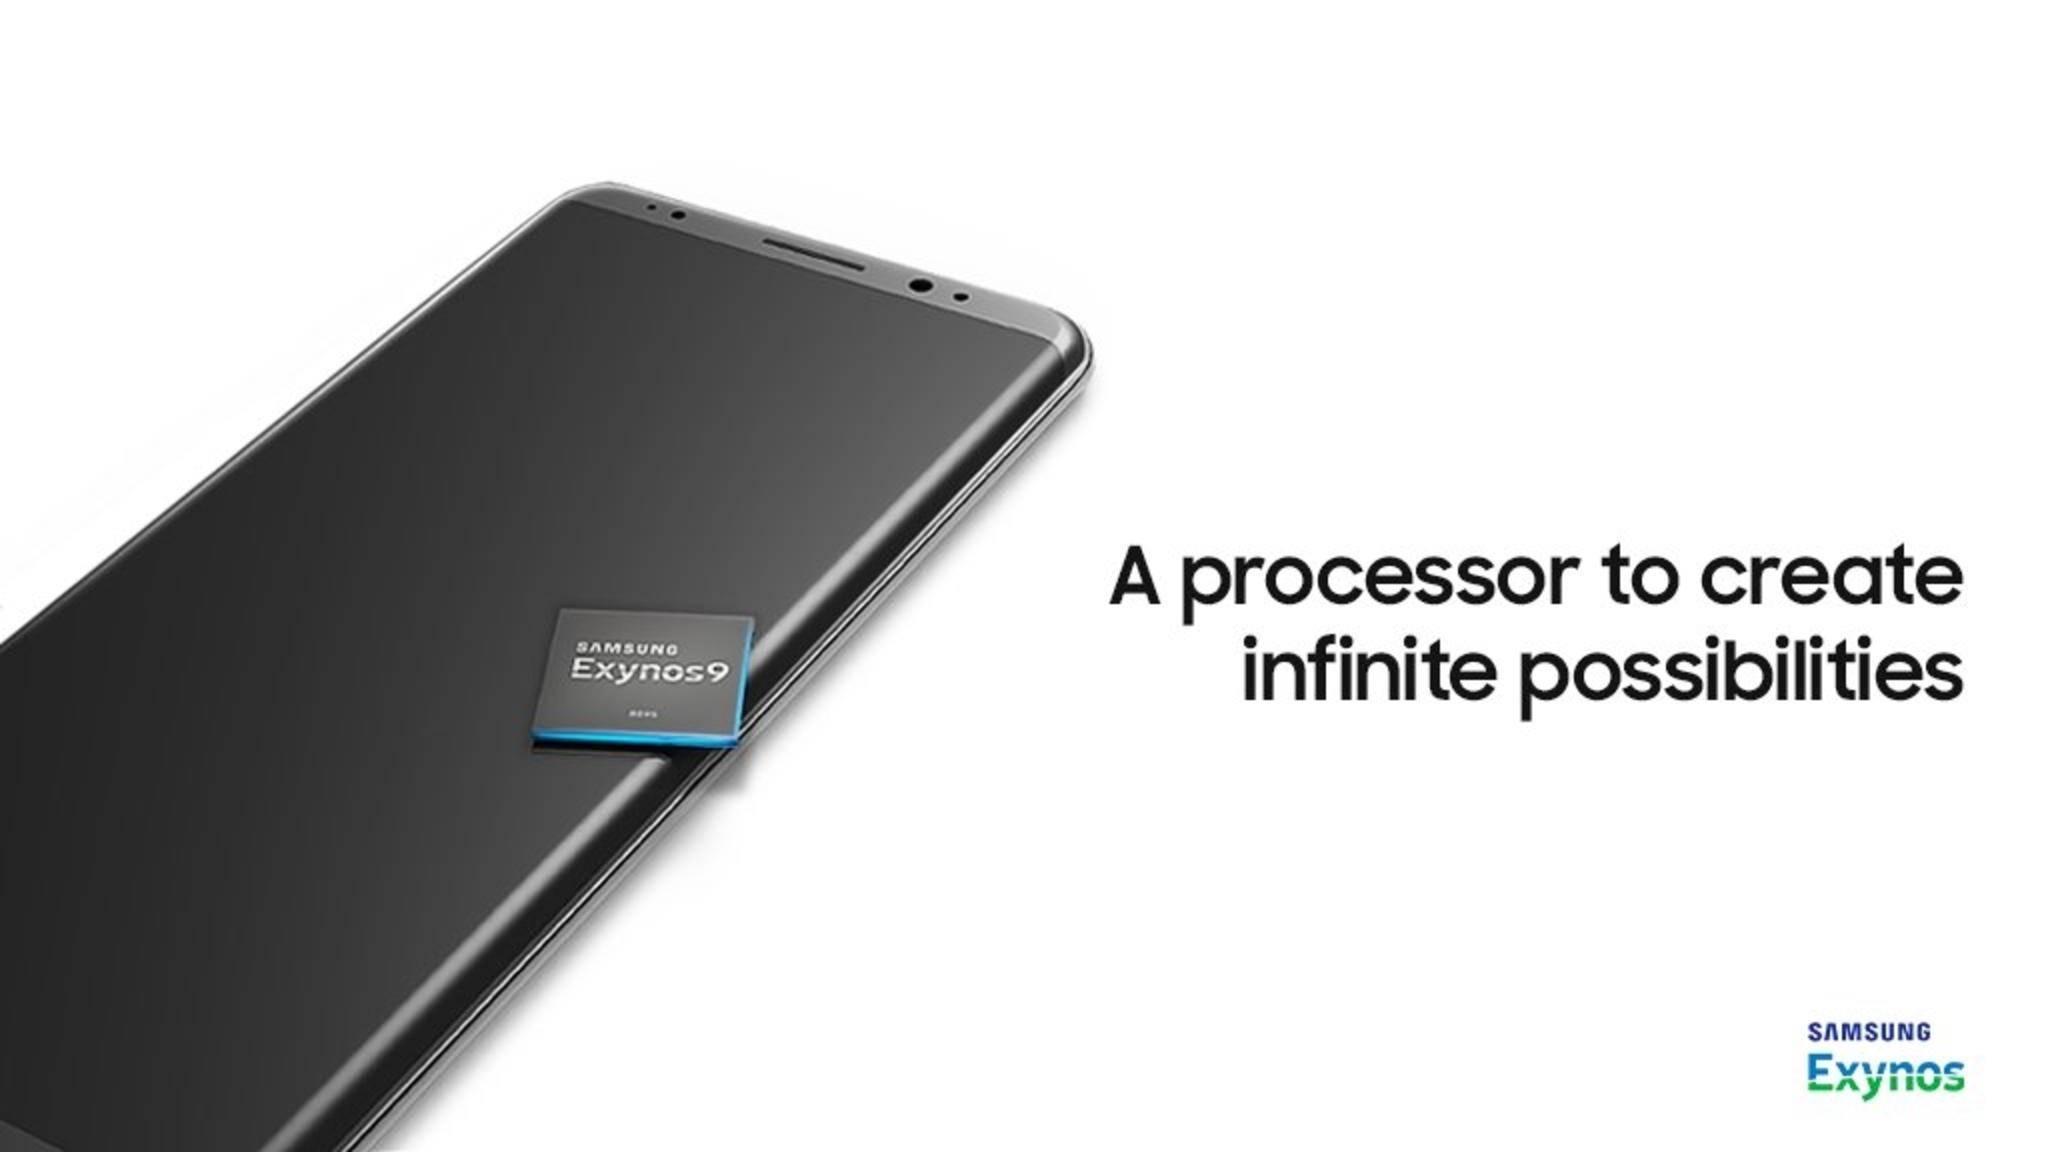 Ist dies der offizielle Leak des Galaxy Note 8?